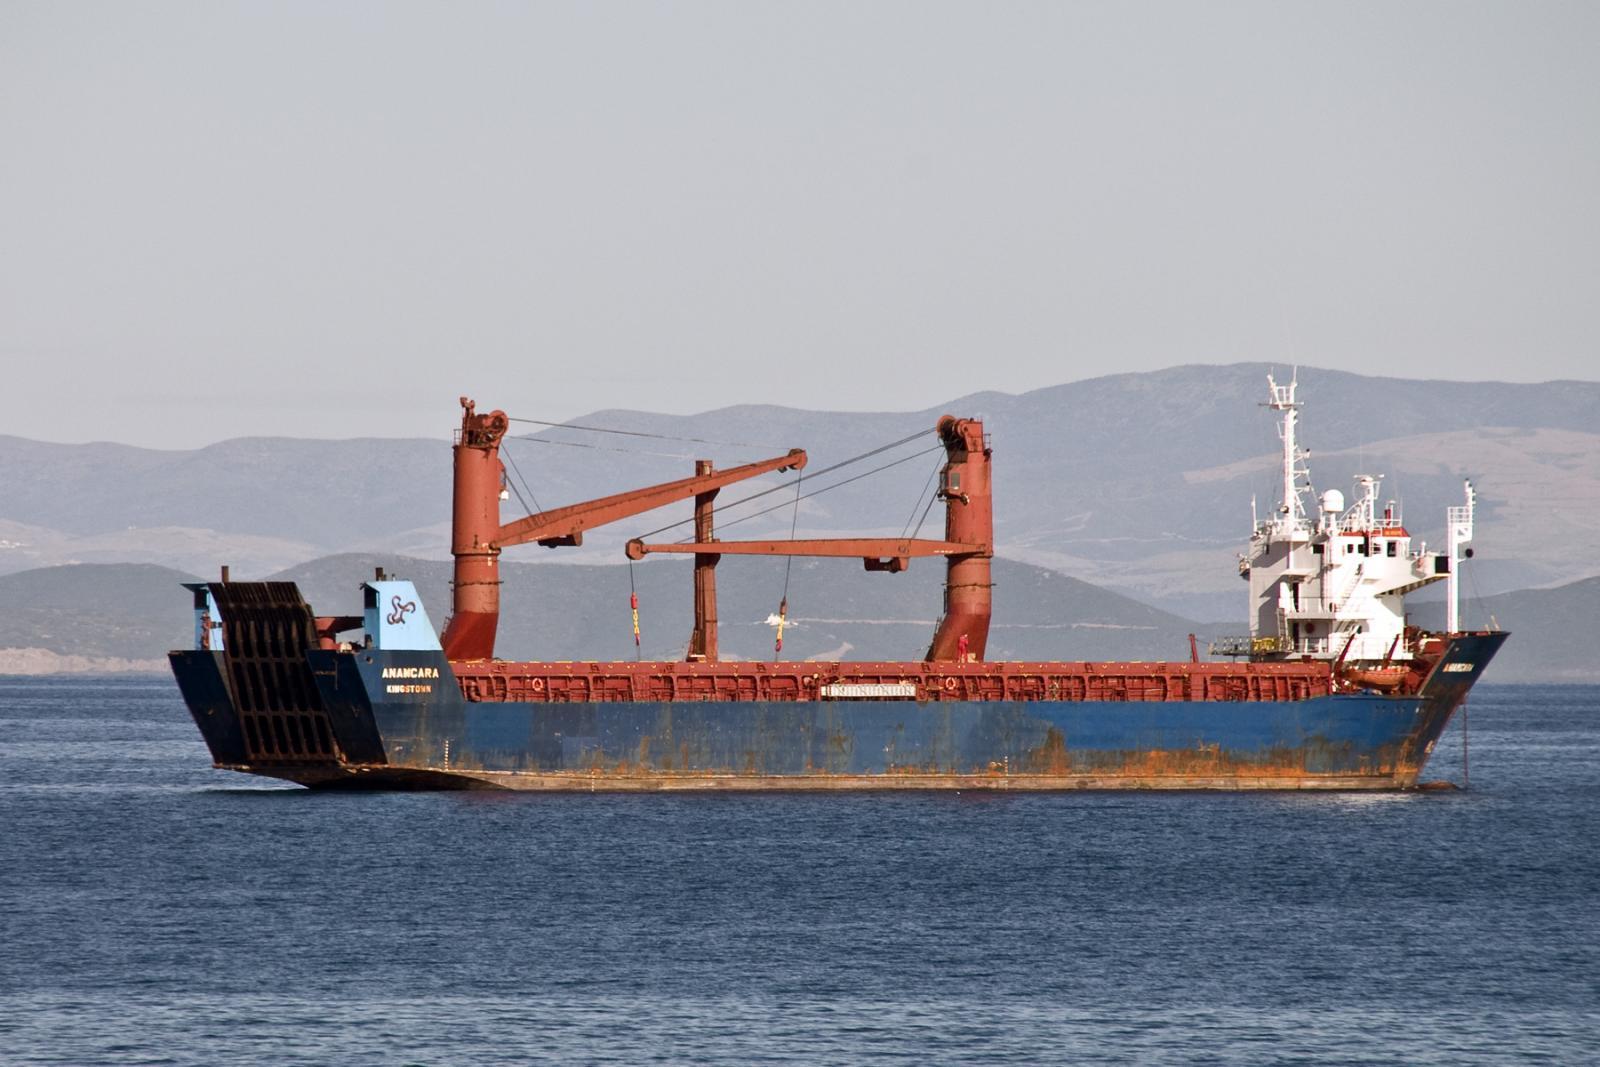 Anamkara at Chios